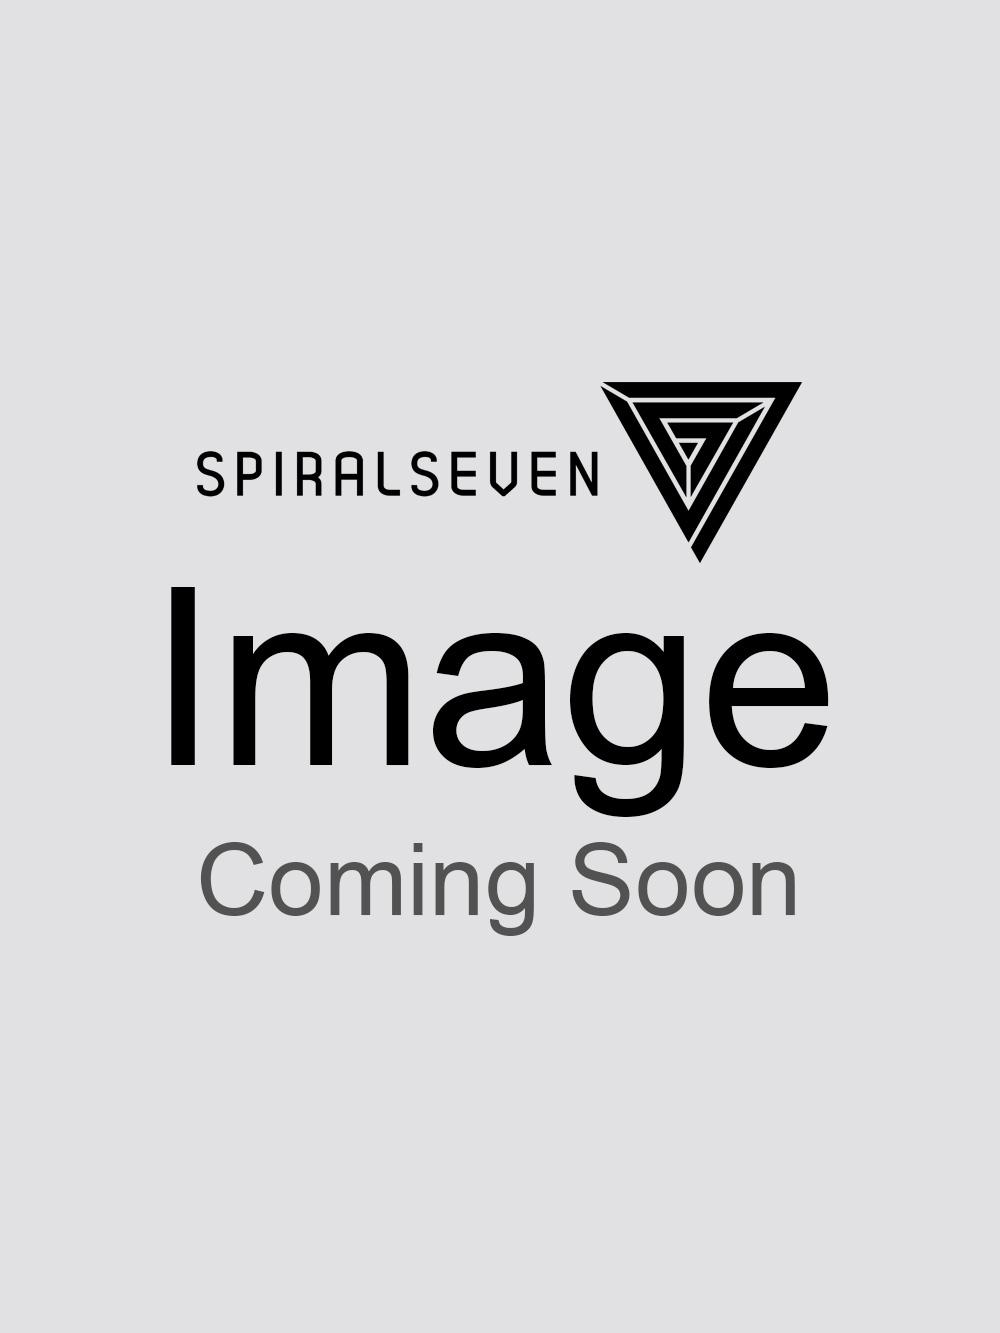 EA7 Emporio Armani Train Core U Mini Pouch Bag - Black/White